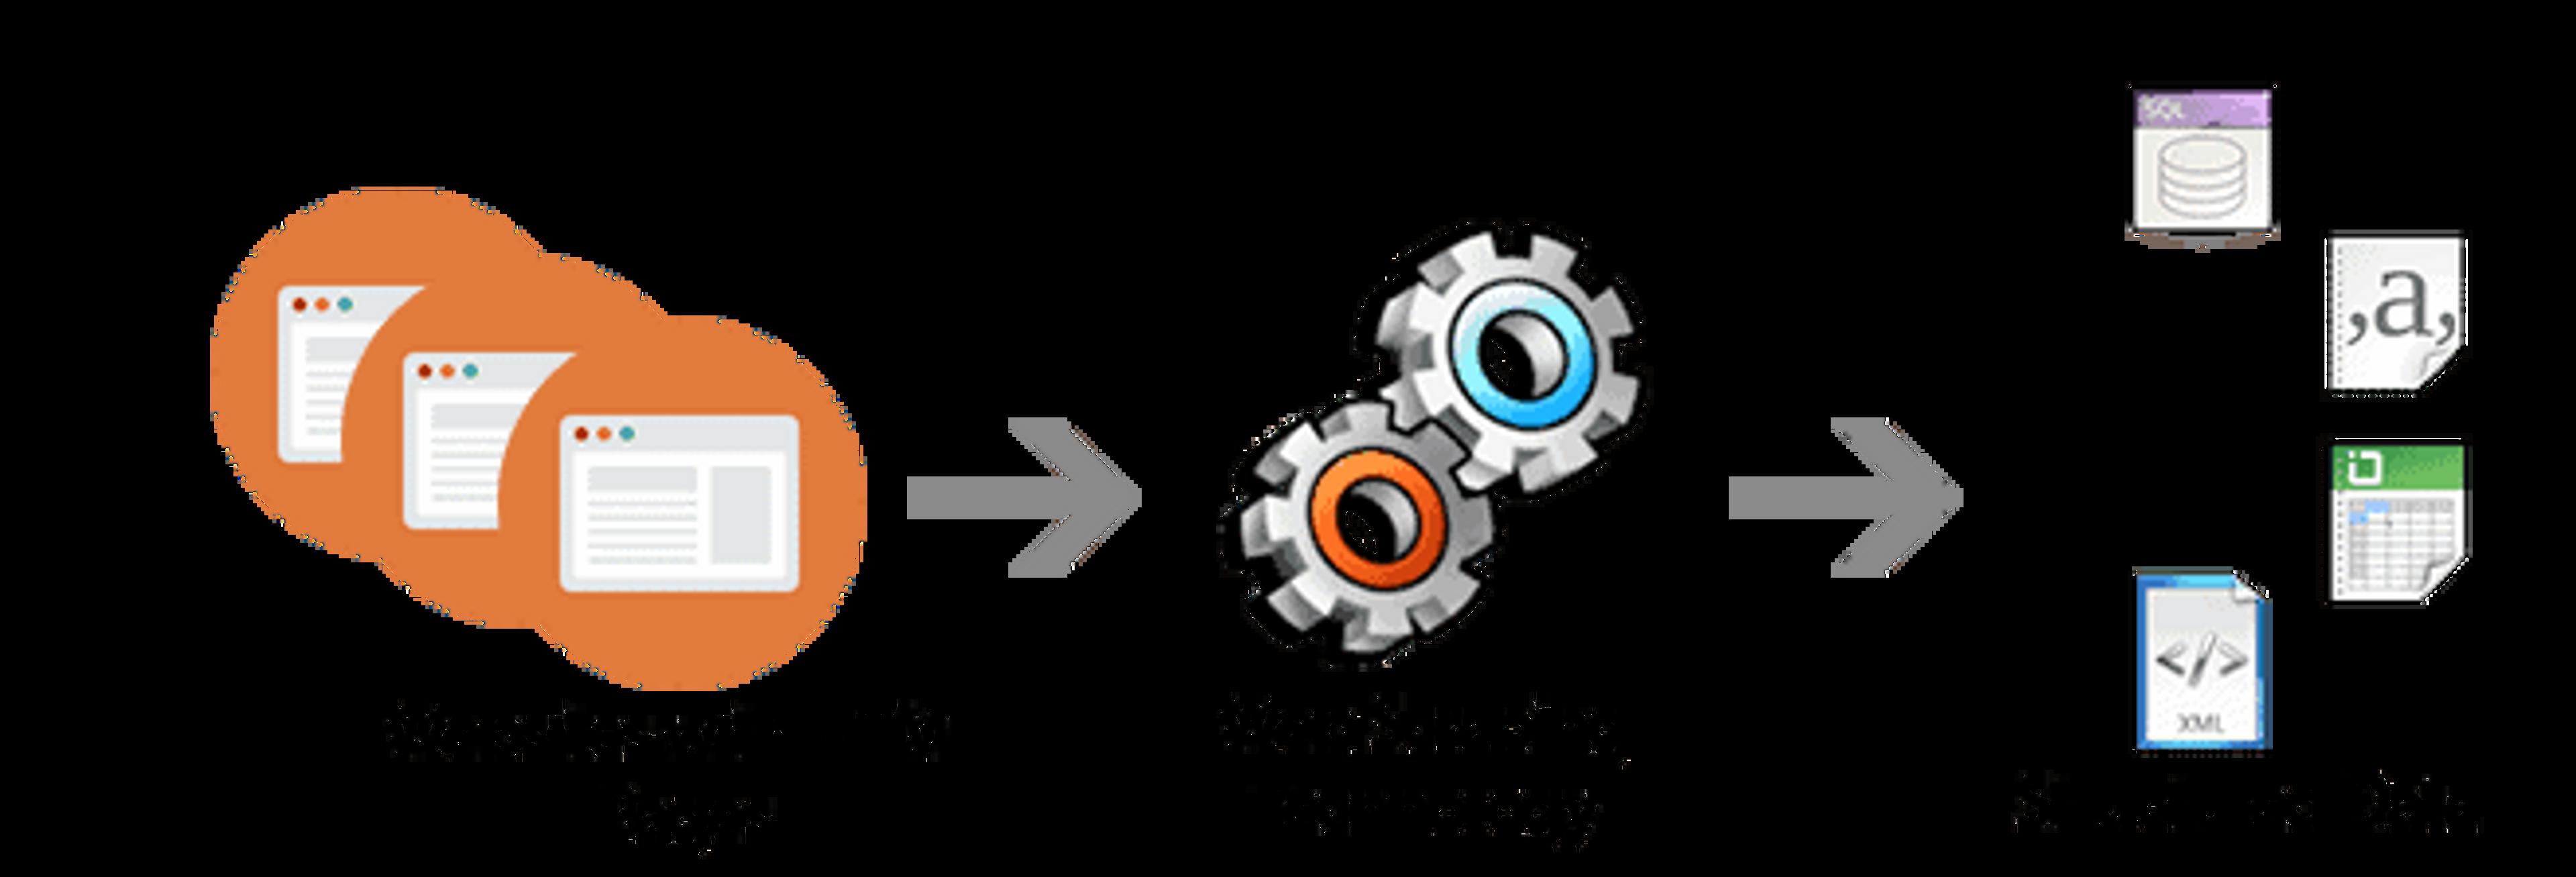 Illustration représentant le scraping de pages web vers de la donnée.